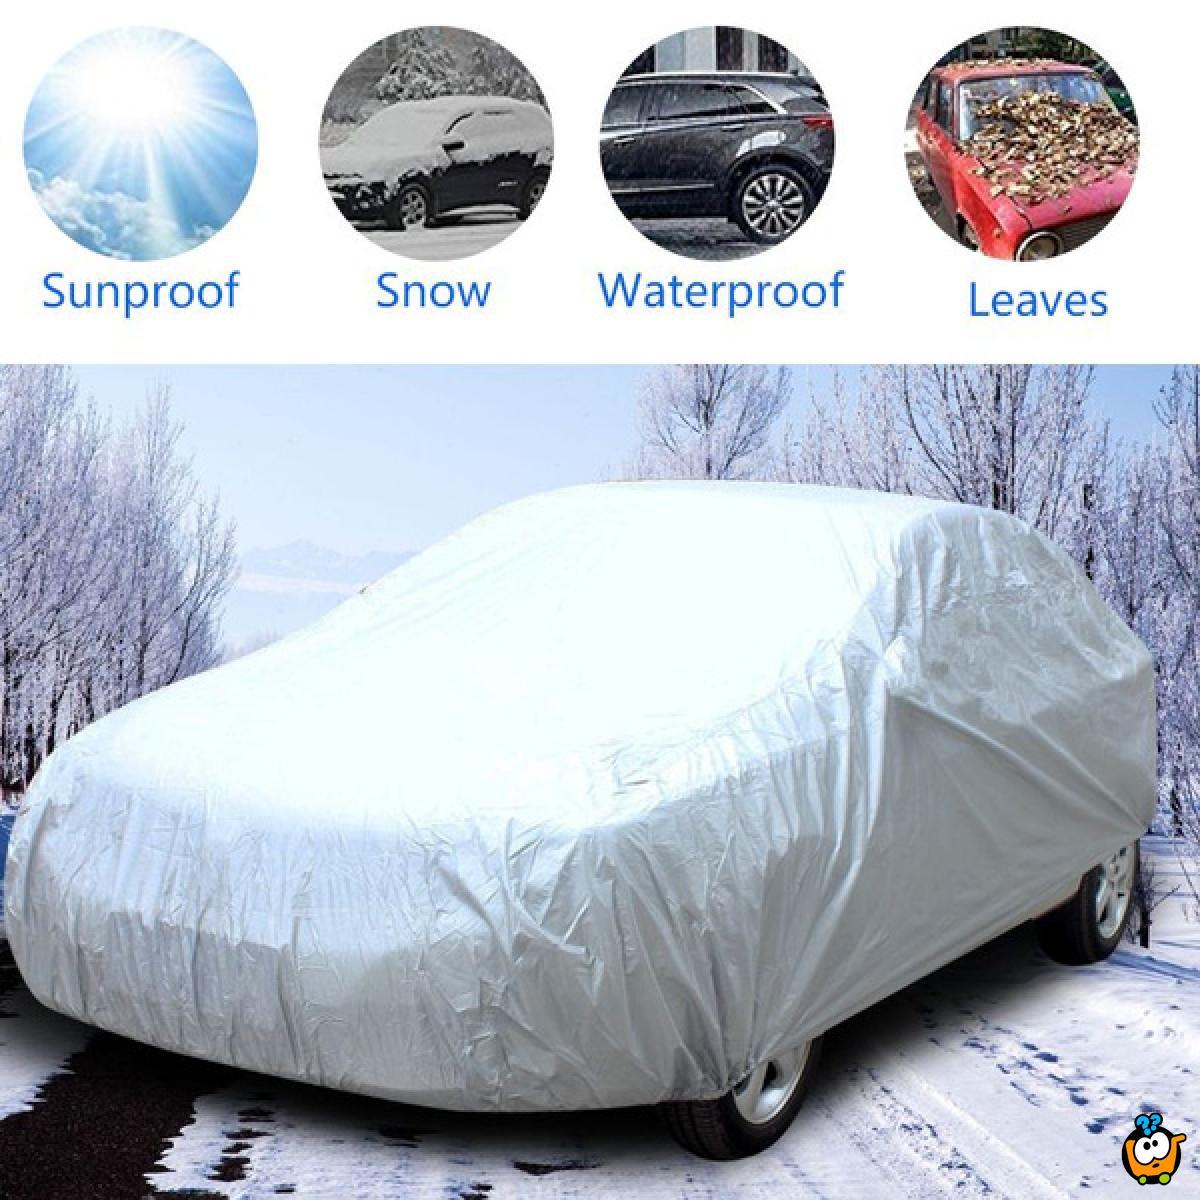 Full car cover - Zaštitna cerada za auto 490 x 180 x 150